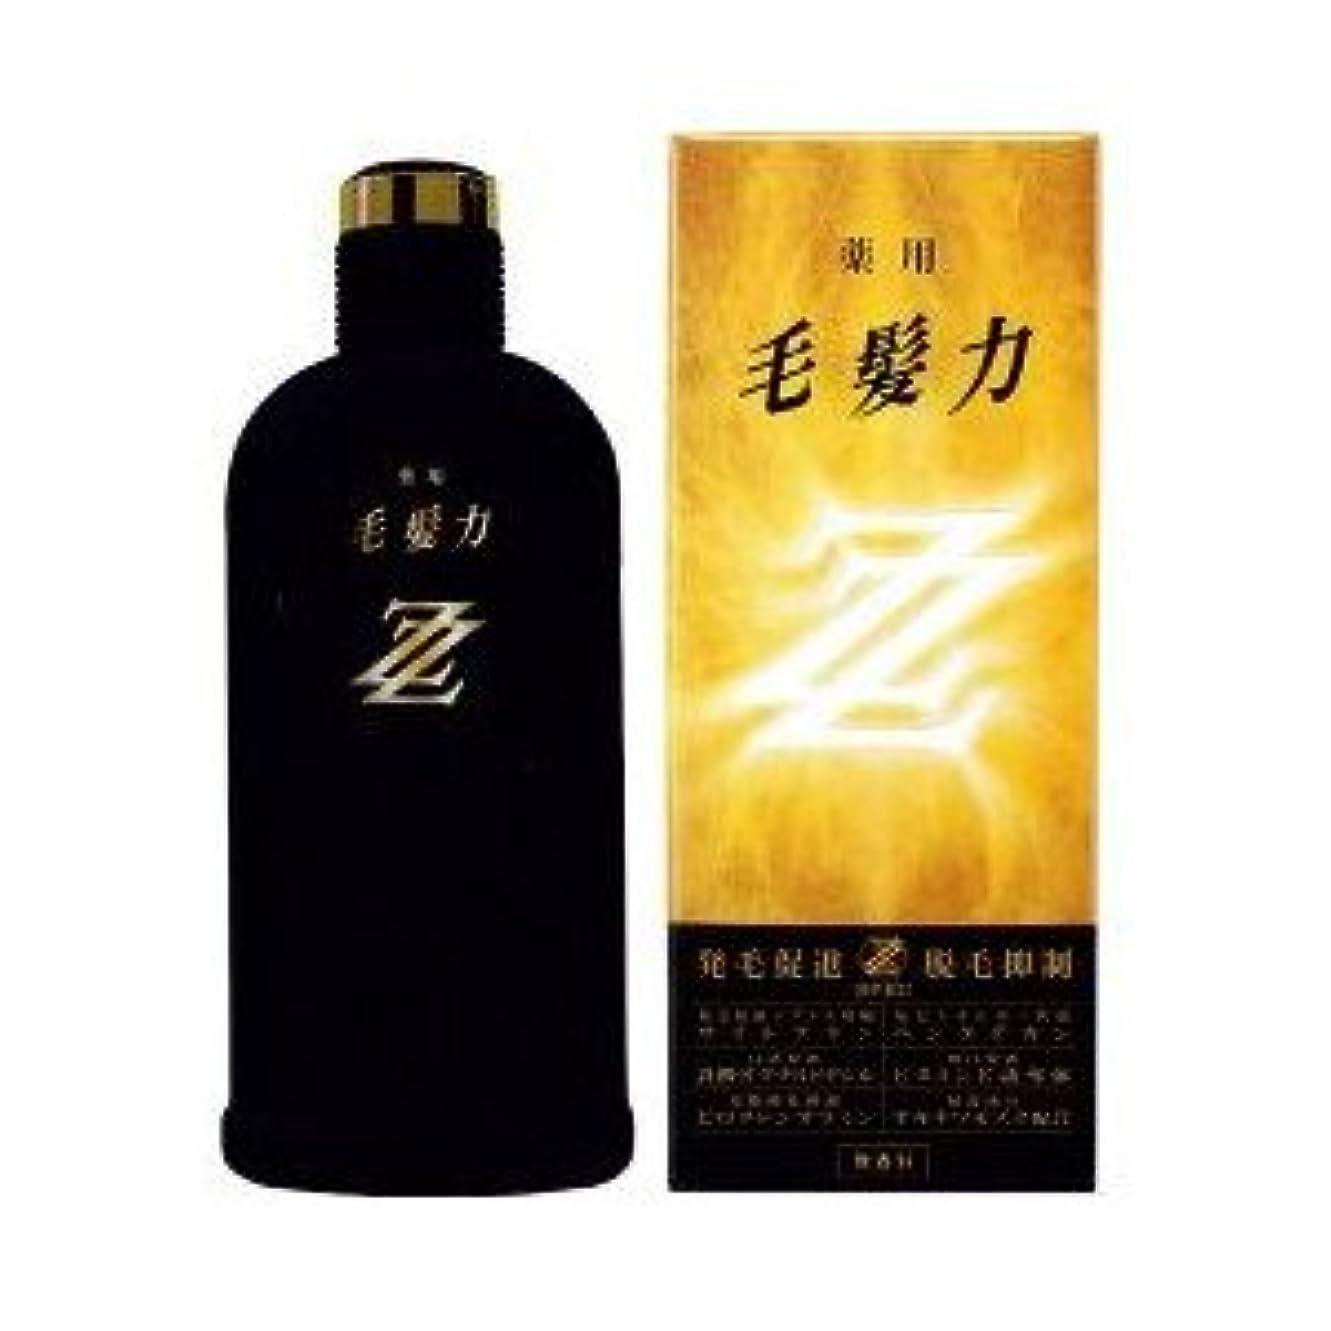 ユーザースラックアークライオン 薬用毛髪力ZZ 無香料 200ML